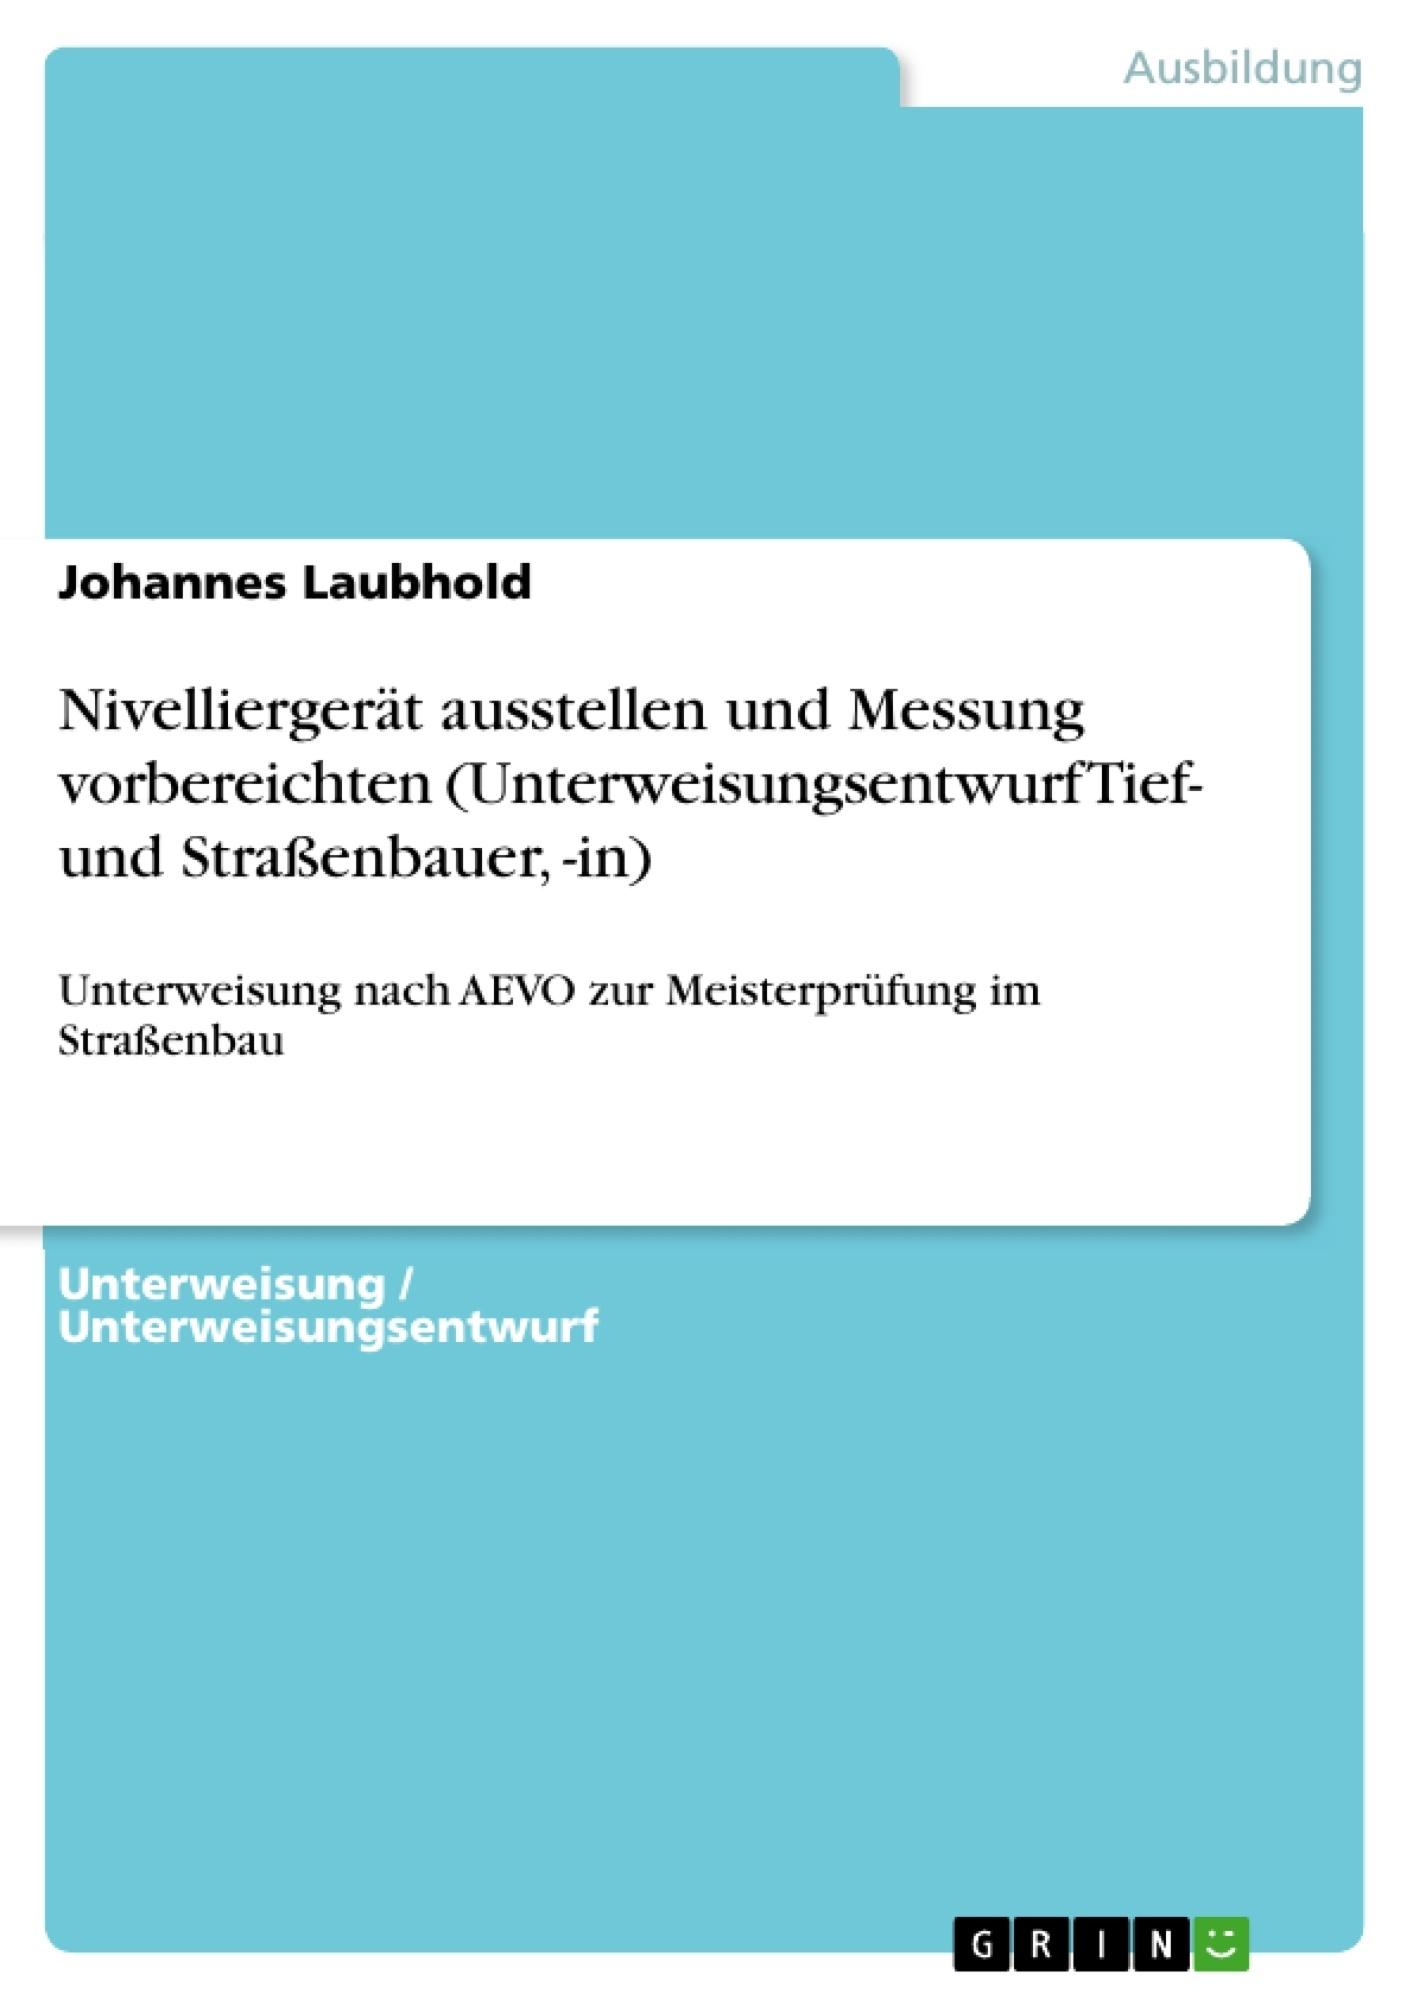 Titel: Nivelliergerät ausstellen und Messung vorbereichten (Unterweisungsentwurf Tief- und Straßenbauer, -in)